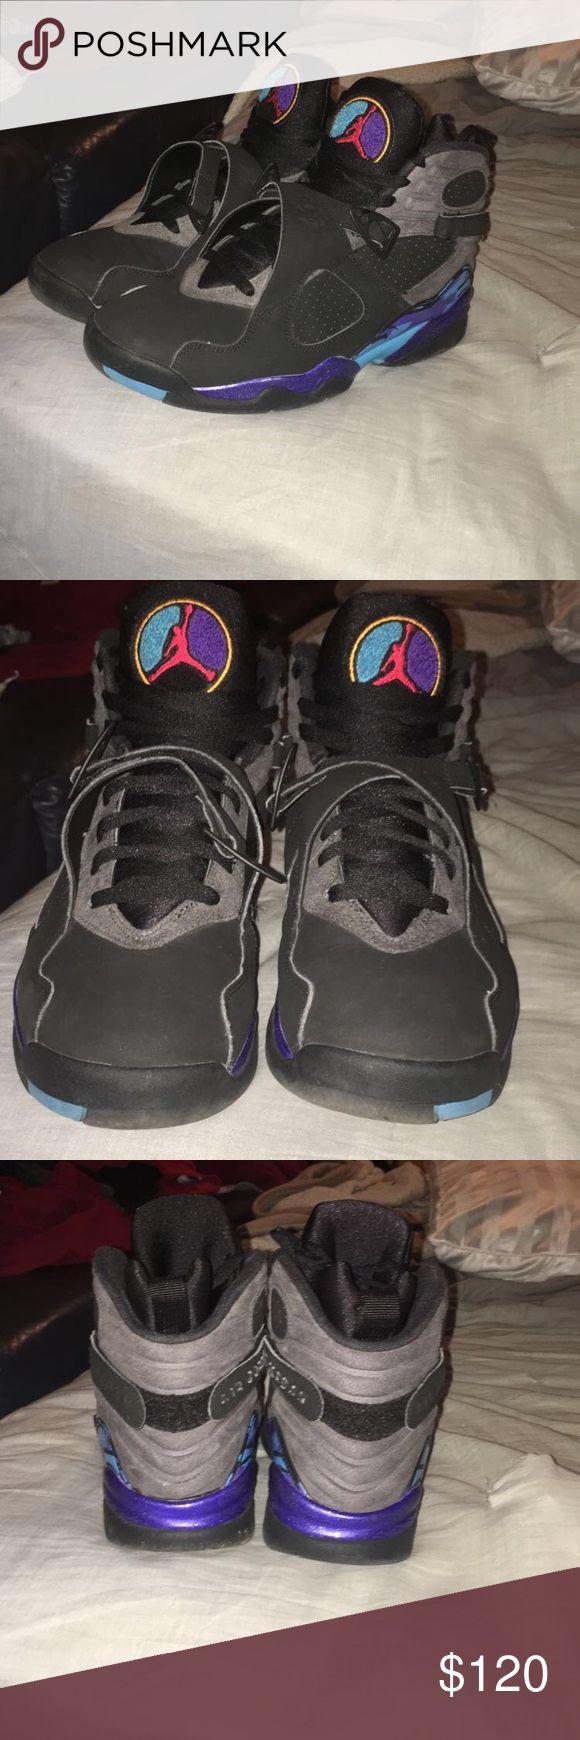 Jordan aqua 8's 2015 size 9.5 condition- 9/10 Jordan 8 aqua size 9.5 Shoes Sneakers